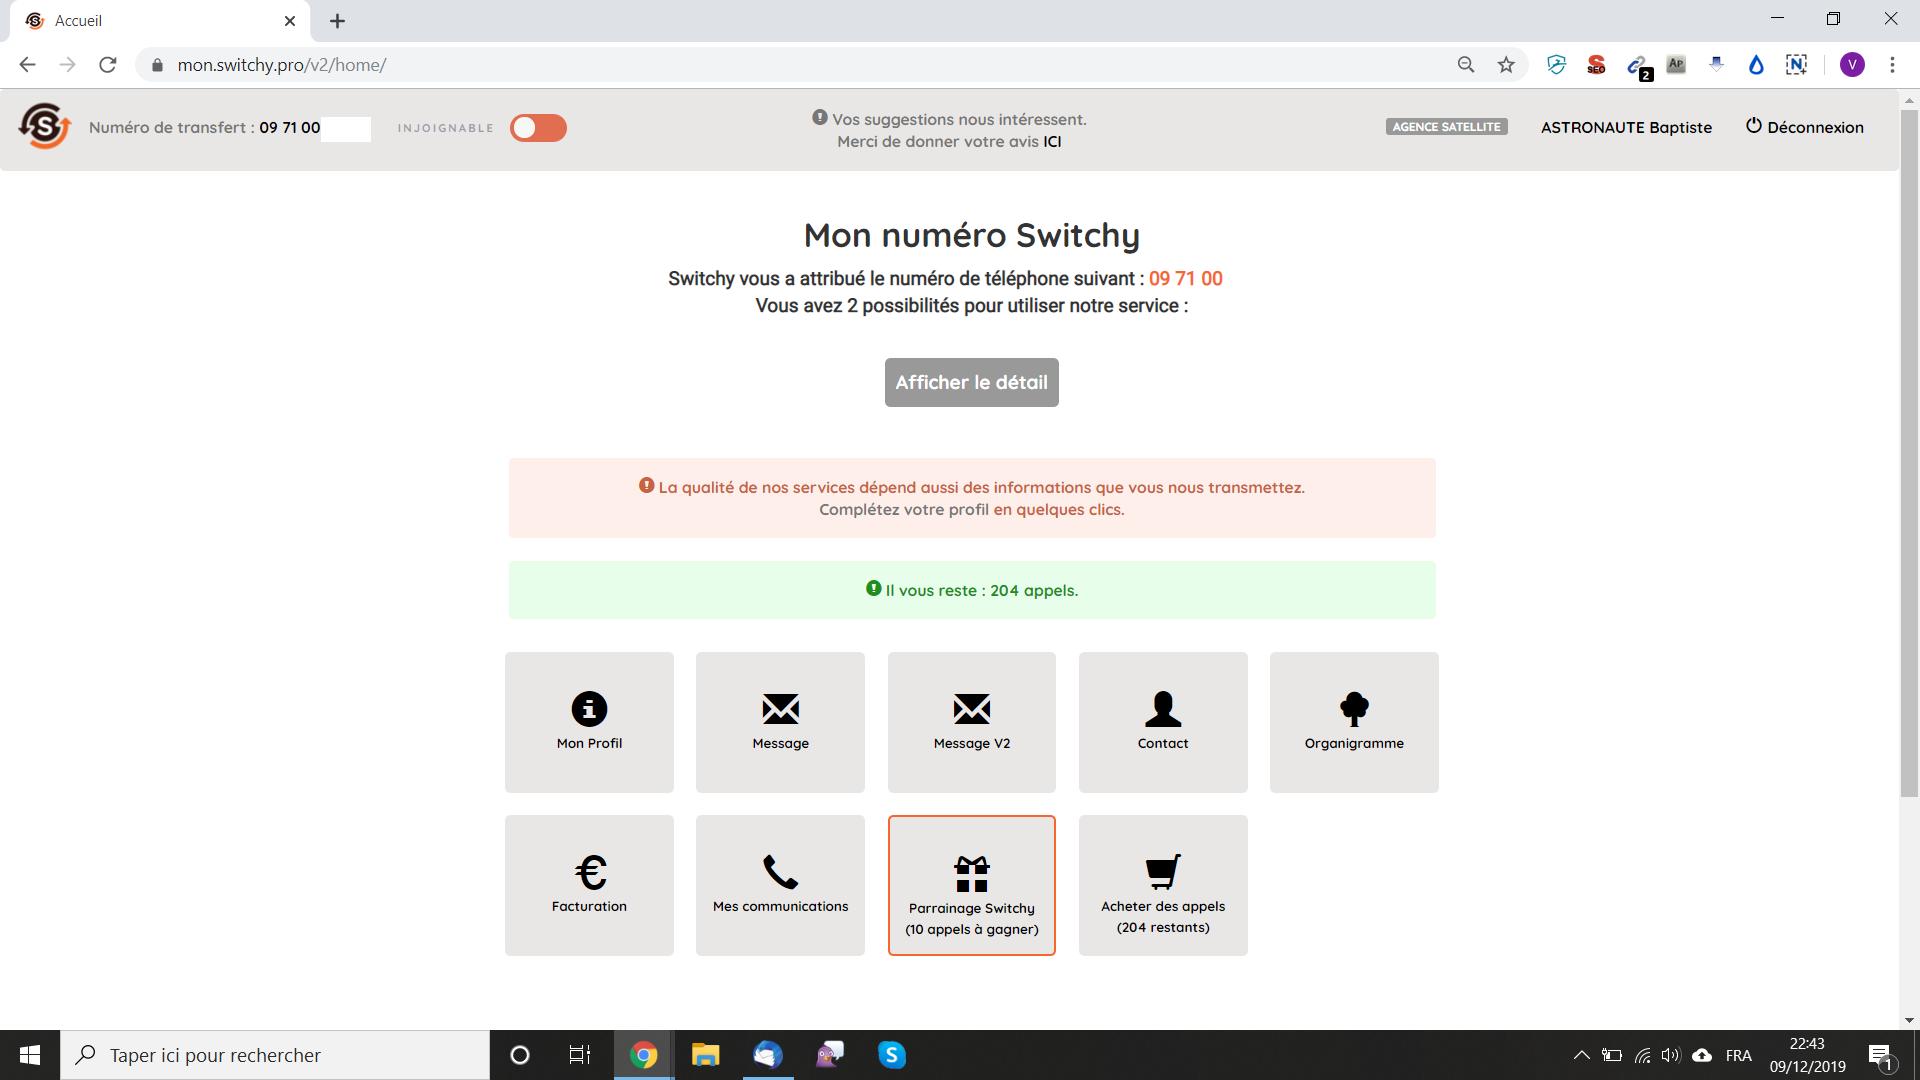 Dashboard accessible 24/7 : Profil, organigramme, messages et rechargement en ligne